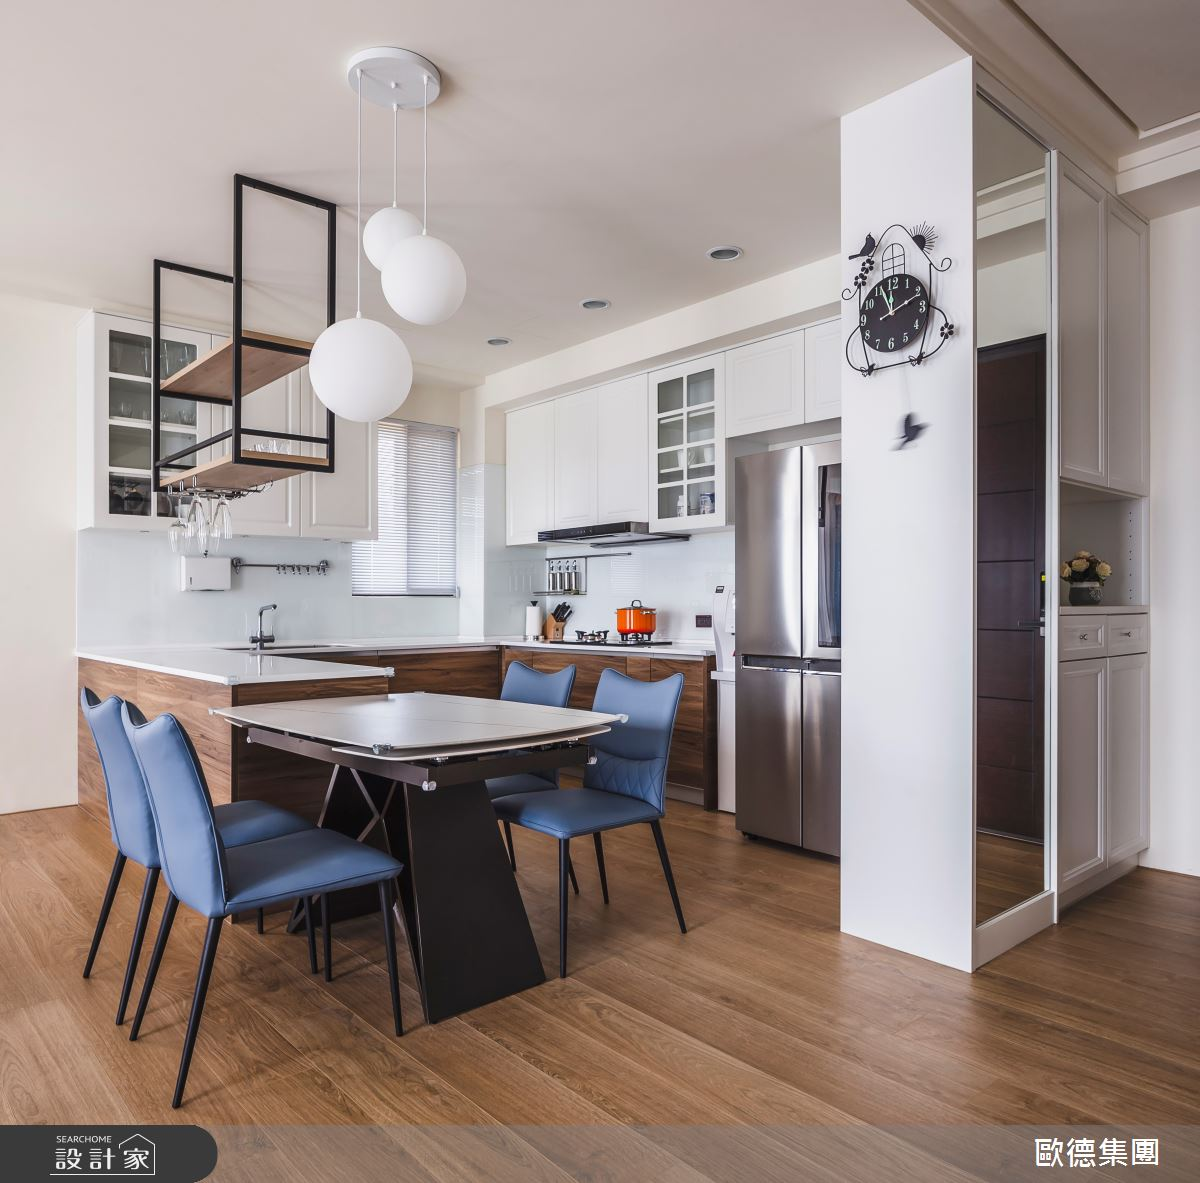 40坪新成屋(5年以下)_混搭風餐廳中島案例圖片_台灣歐德傢俱股份有限公司_歐德_129之9